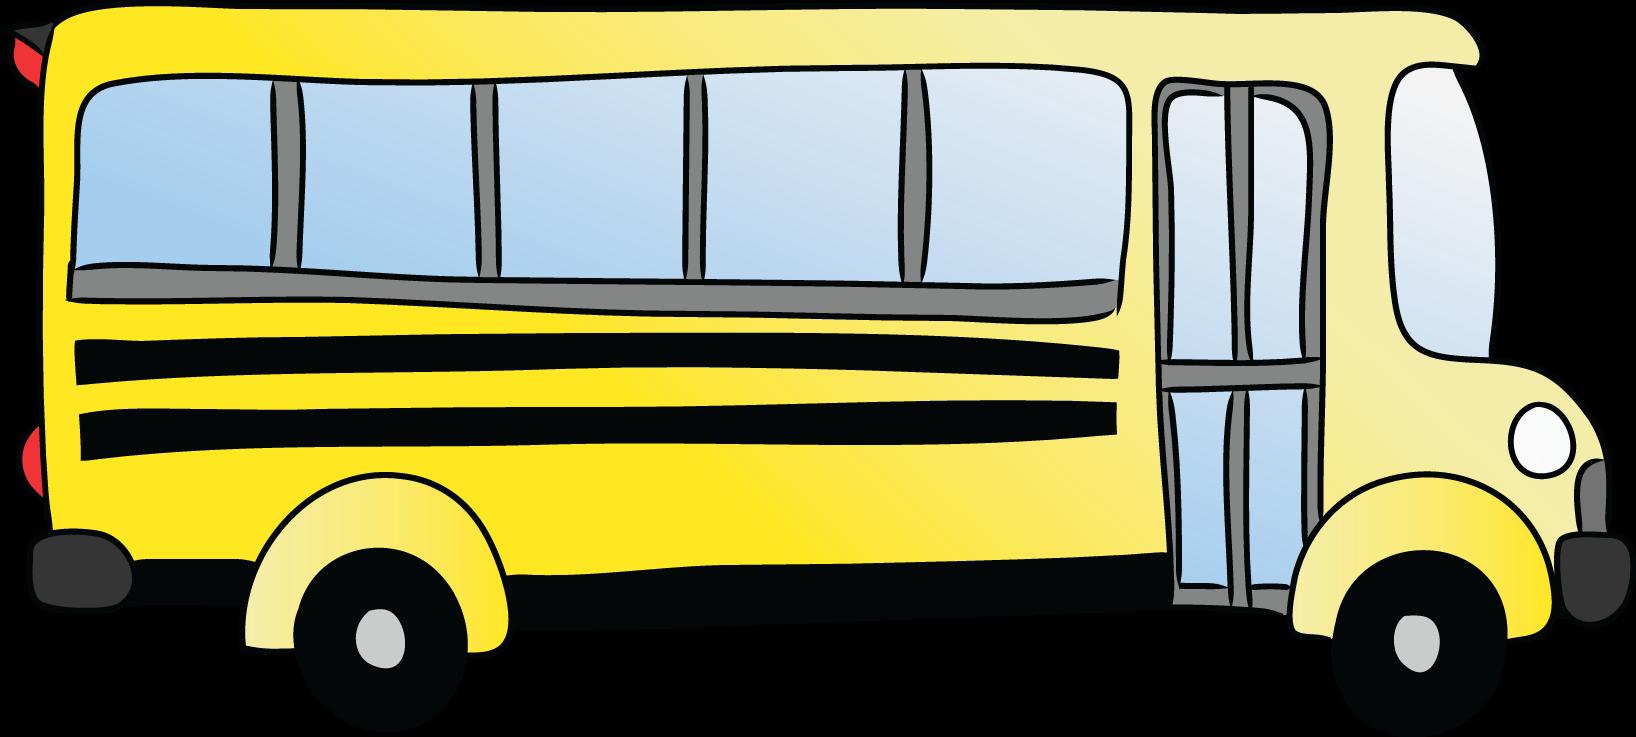 1636x737 School Bus Clipart Images 3 School Clip Art Vector 4 Clipartix 3